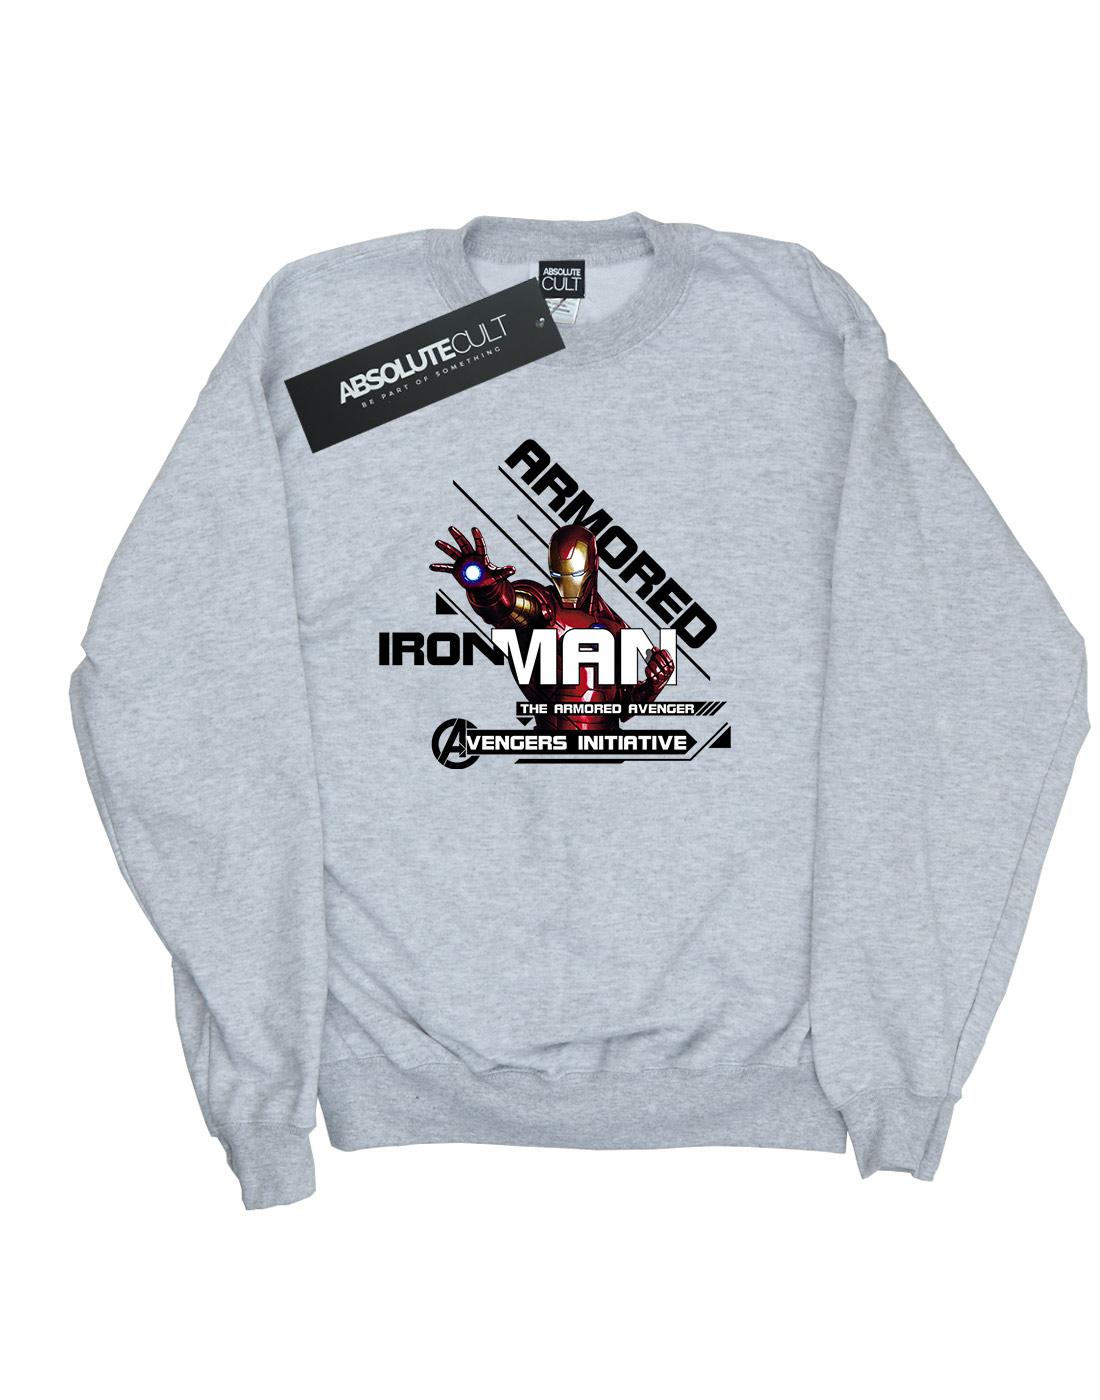 Marvel Damen Avengers Iron Man Armourot Avenger Sweatshirt | | | Angemessener Preis  | Kompletter Spezifikationsbereich  | Outlet Online  e0de7a